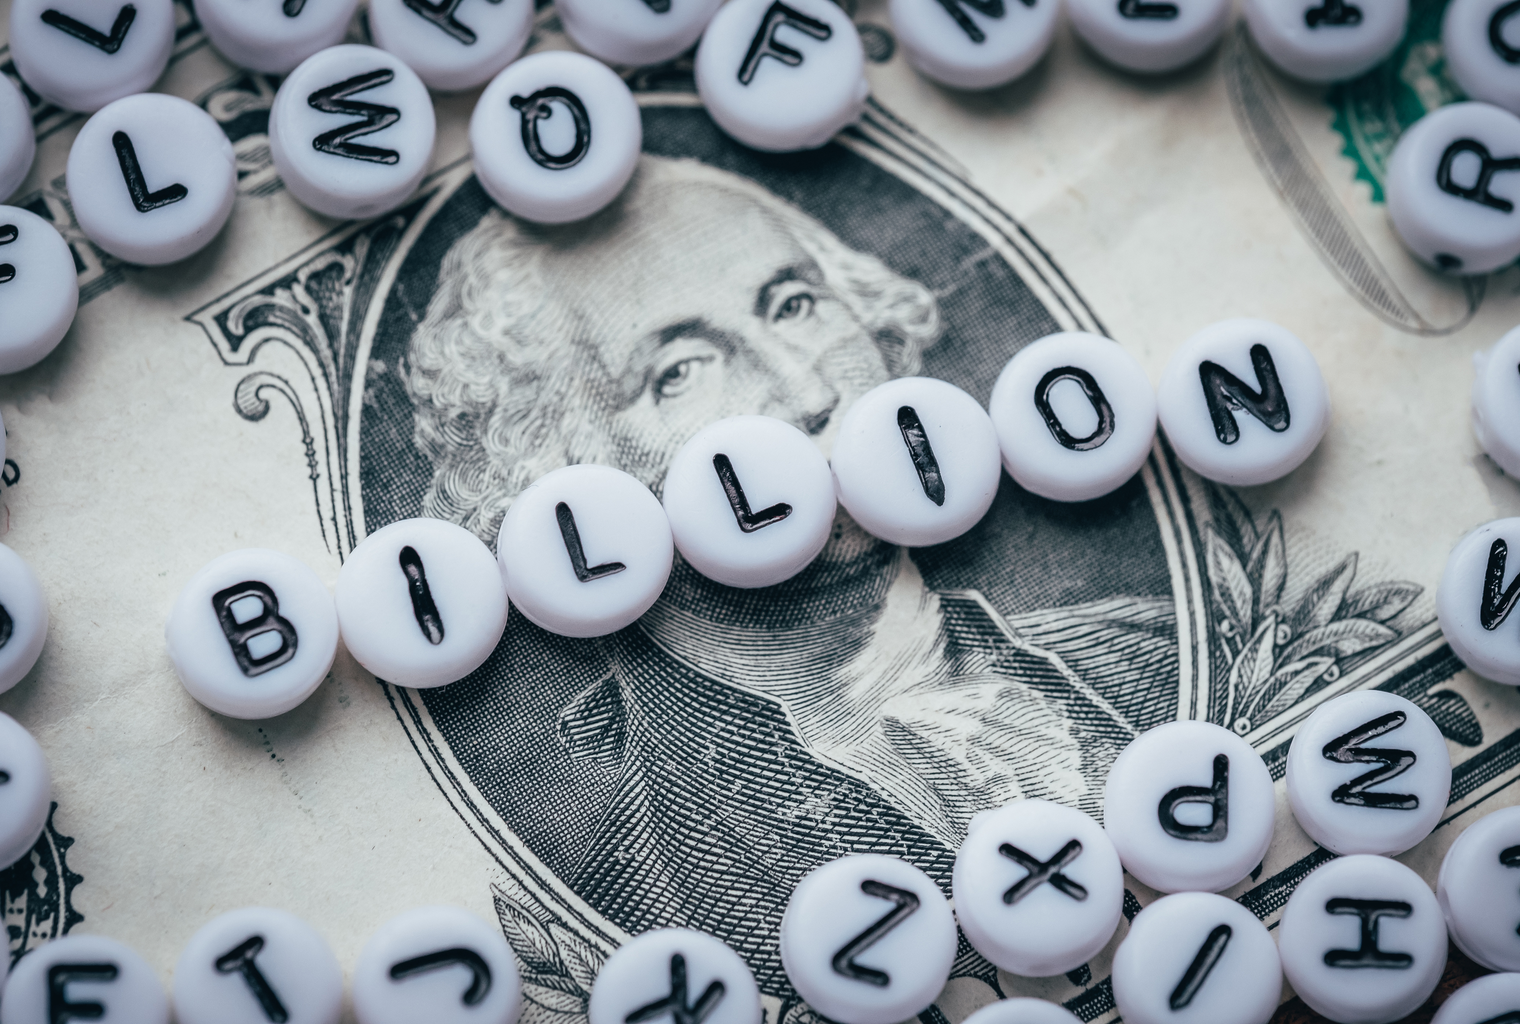 Defi Market Surpasses $1 Billion – But There's a Catch